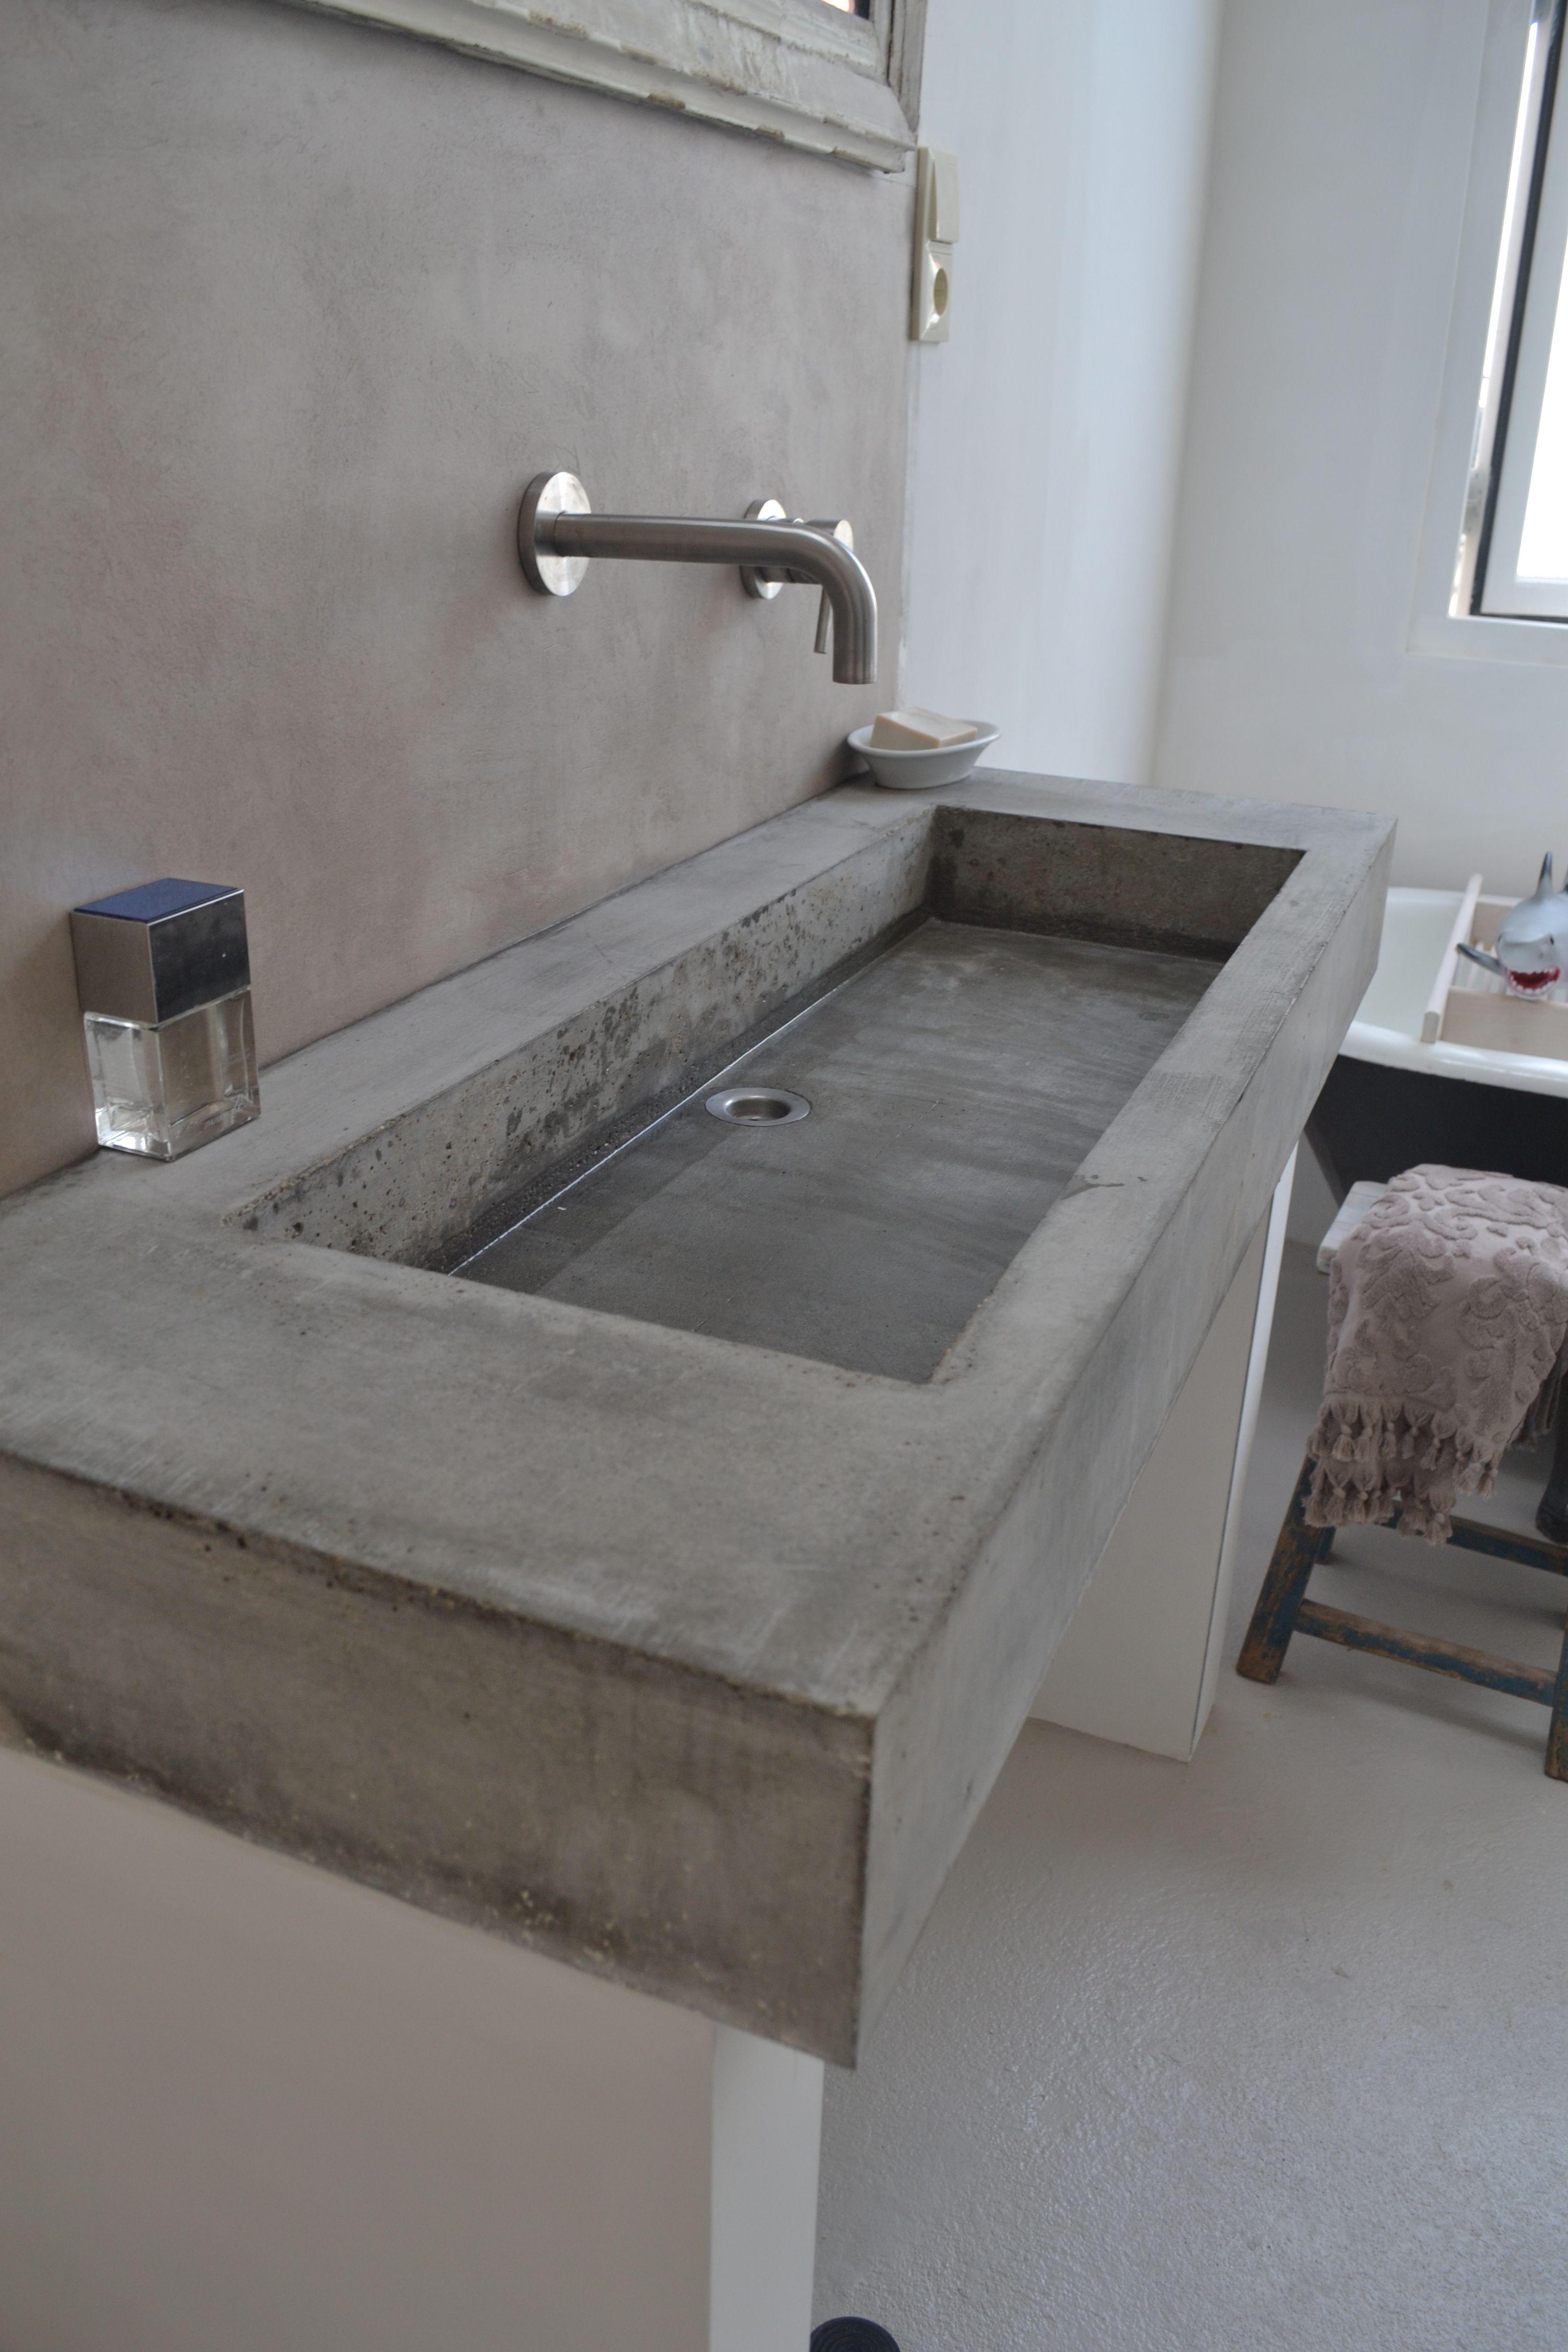 Lavabo In Cemento #concrete #bathroom Badezimmer Fliesen Ideen, Badezimmer  Waschbecken, Waschraum,